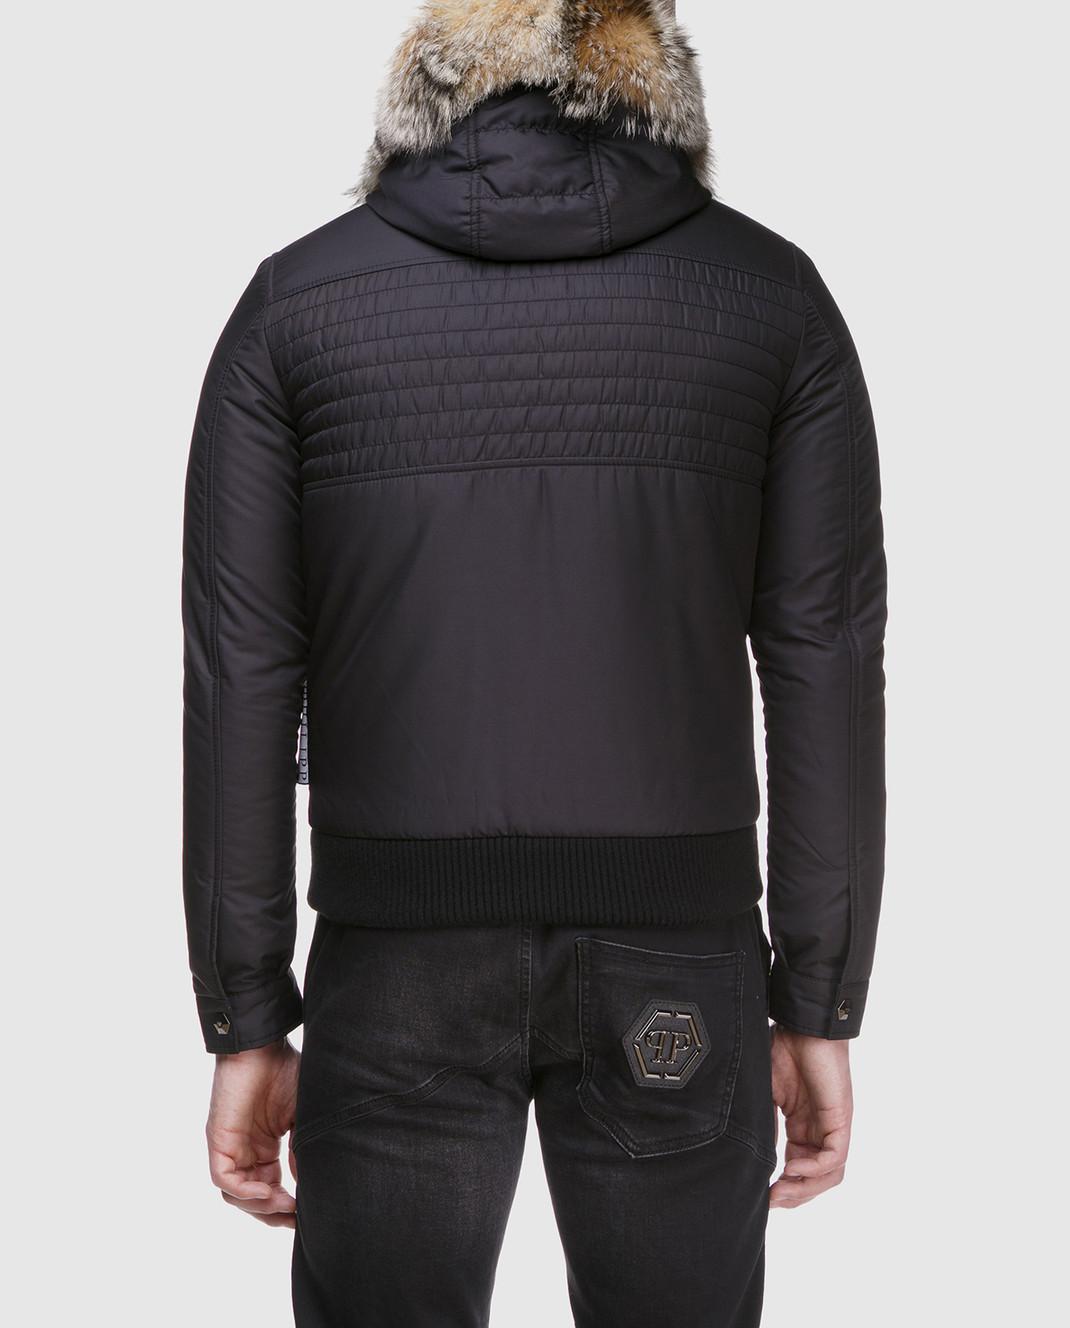 Philipp Plein Черная куртка MRB0340 изображение 4